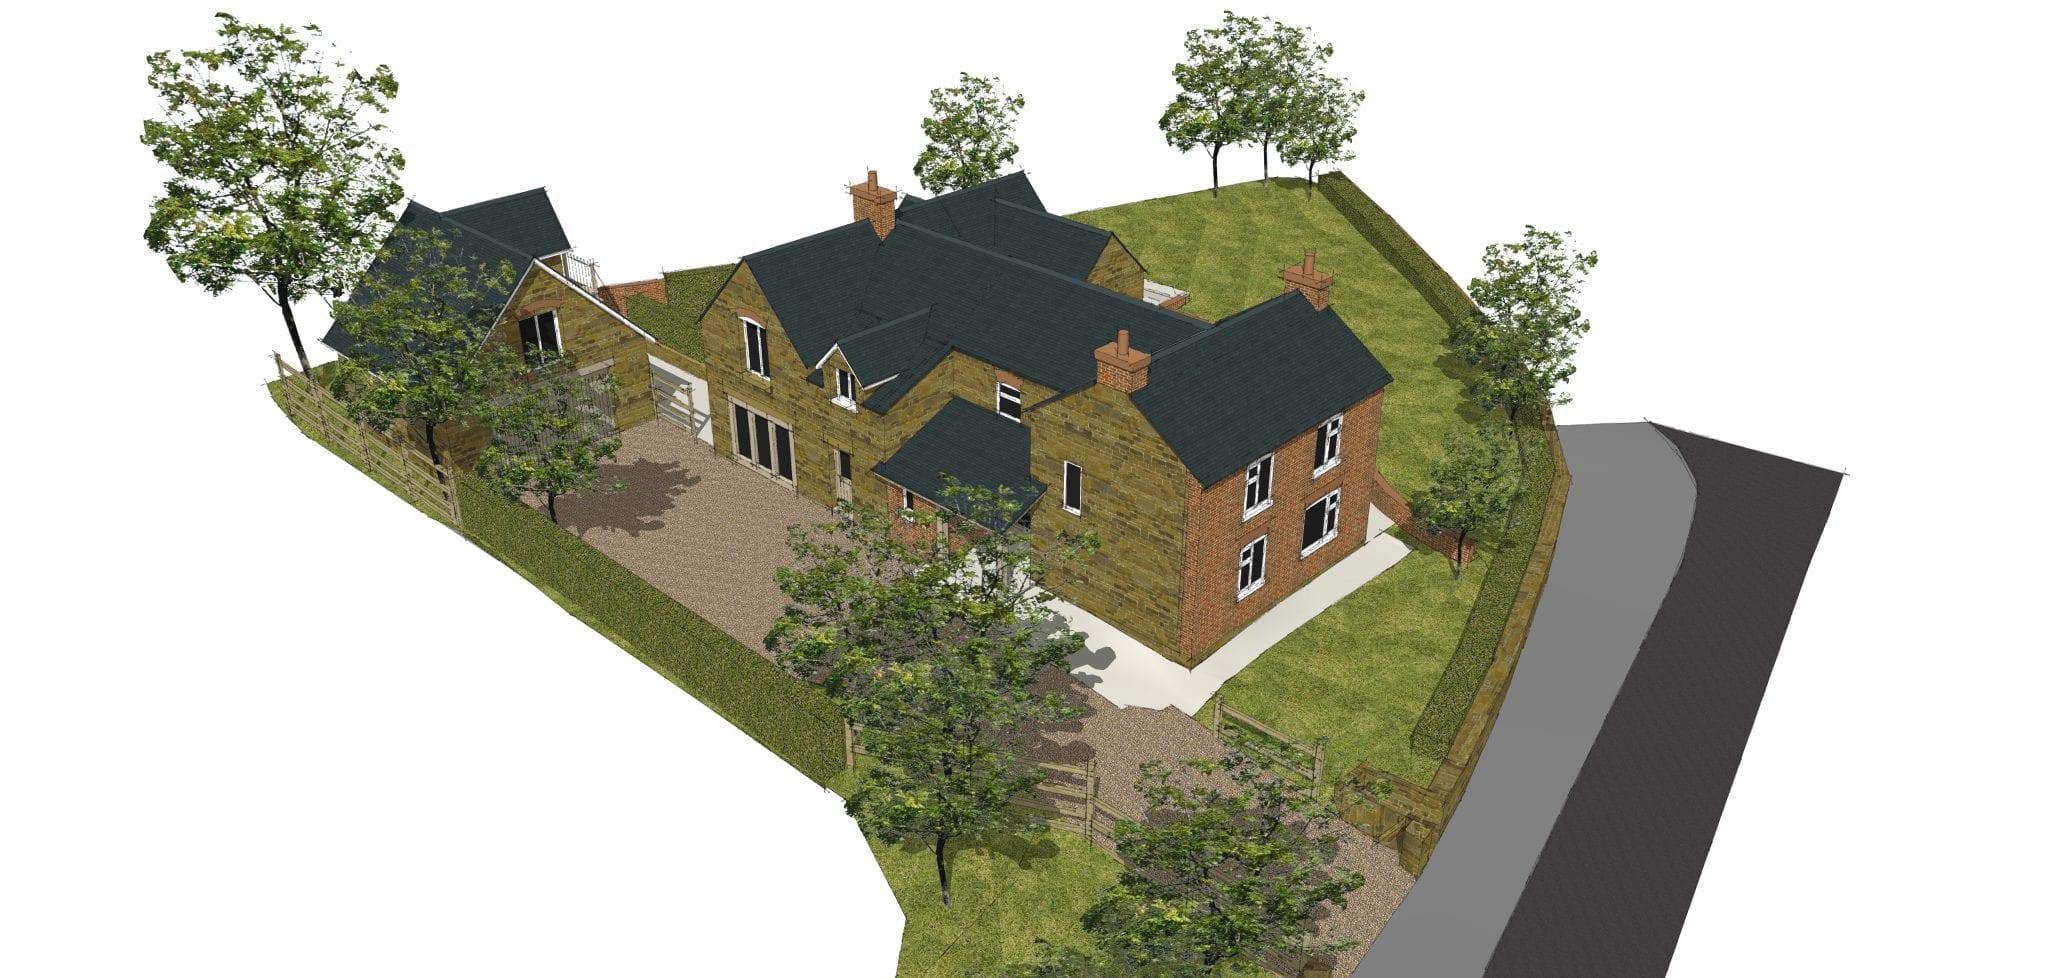 Cottage Extended for Modern Family Living…